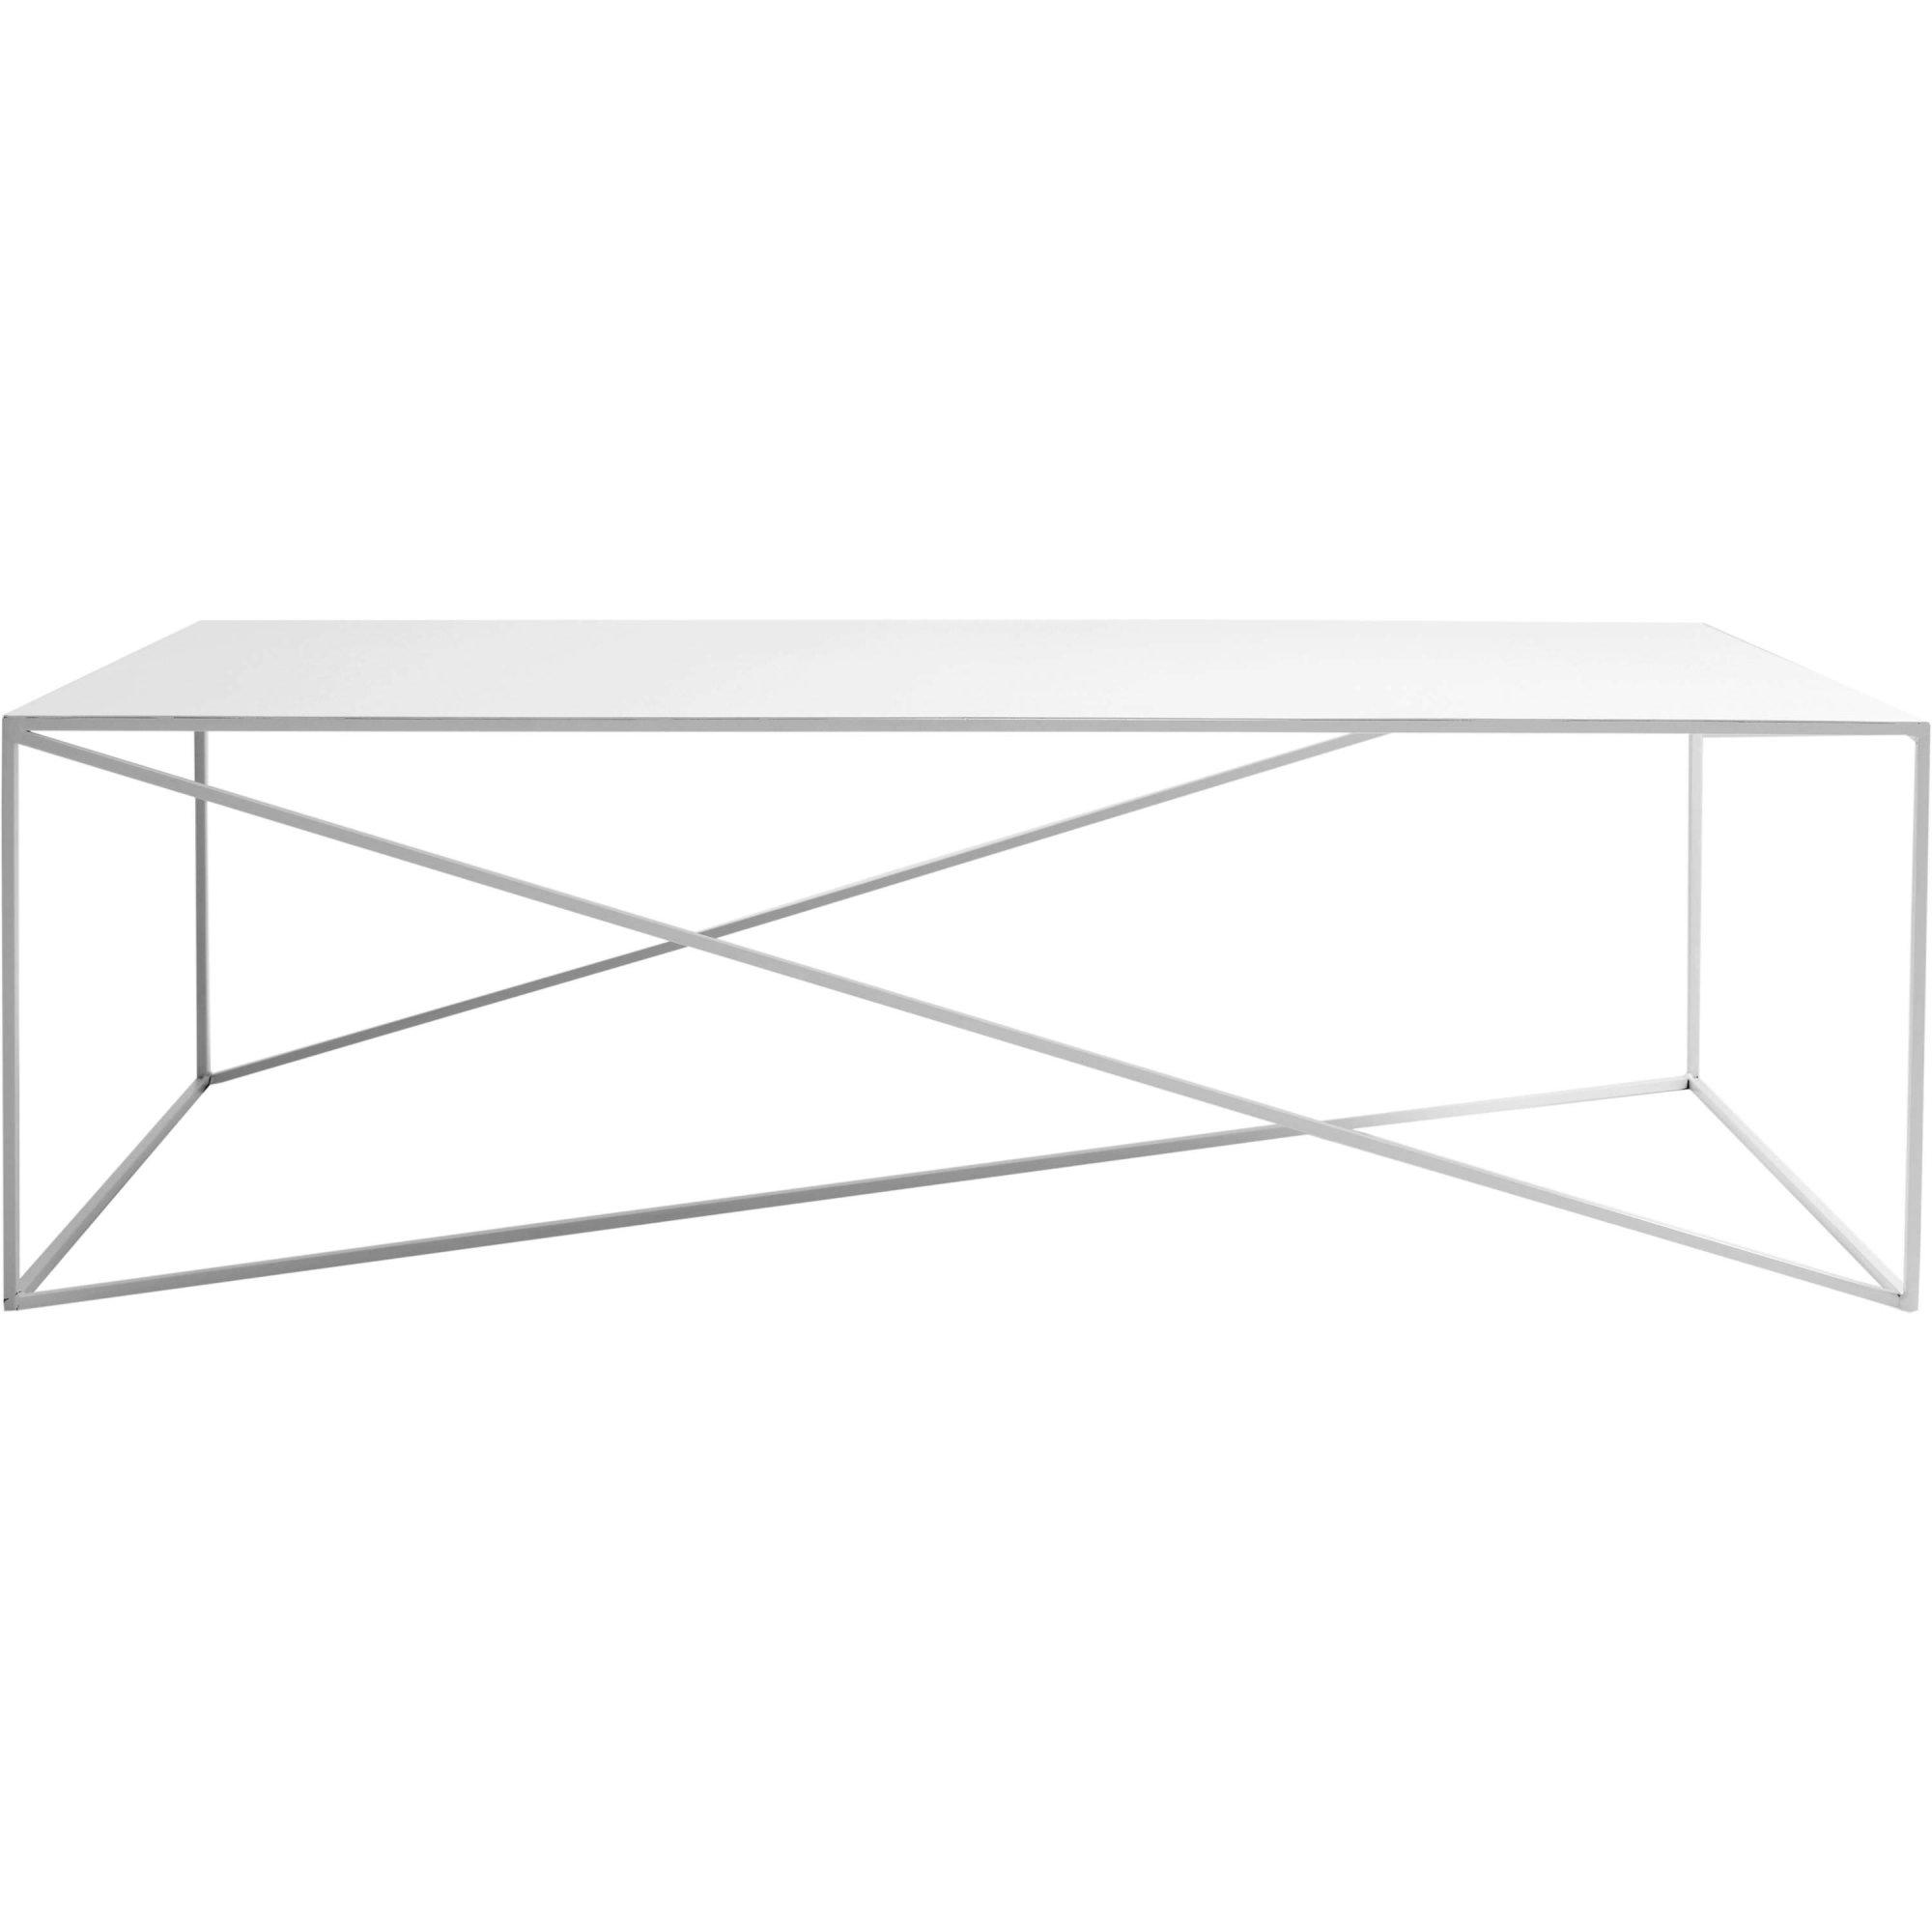 Table basse rectangulaire en métal blanc l140cm